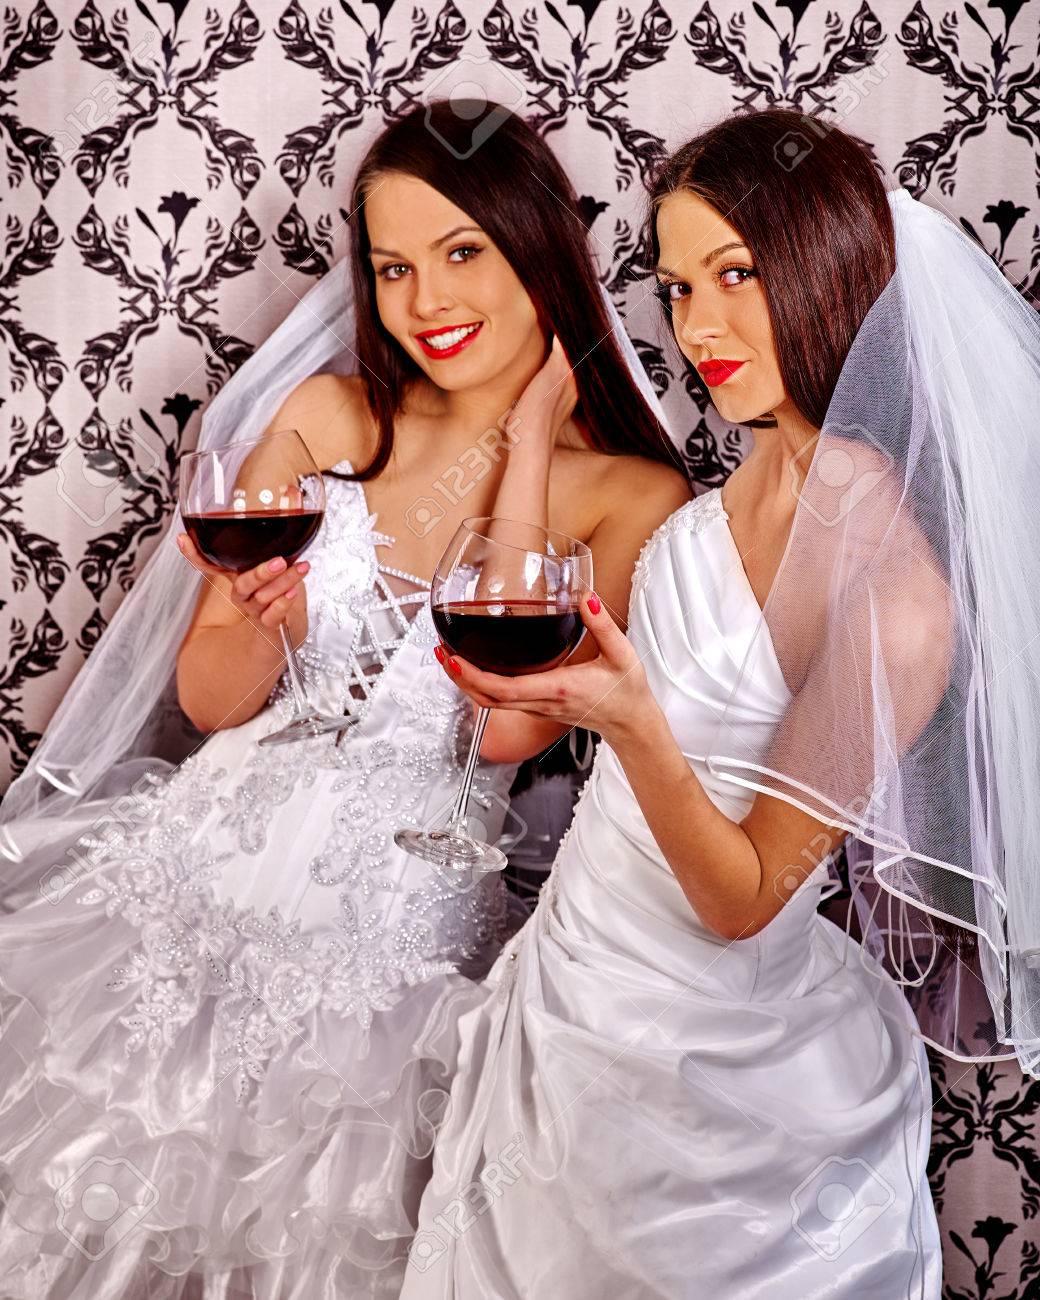 Русских лесбиянок свадьба фото фото 349-522